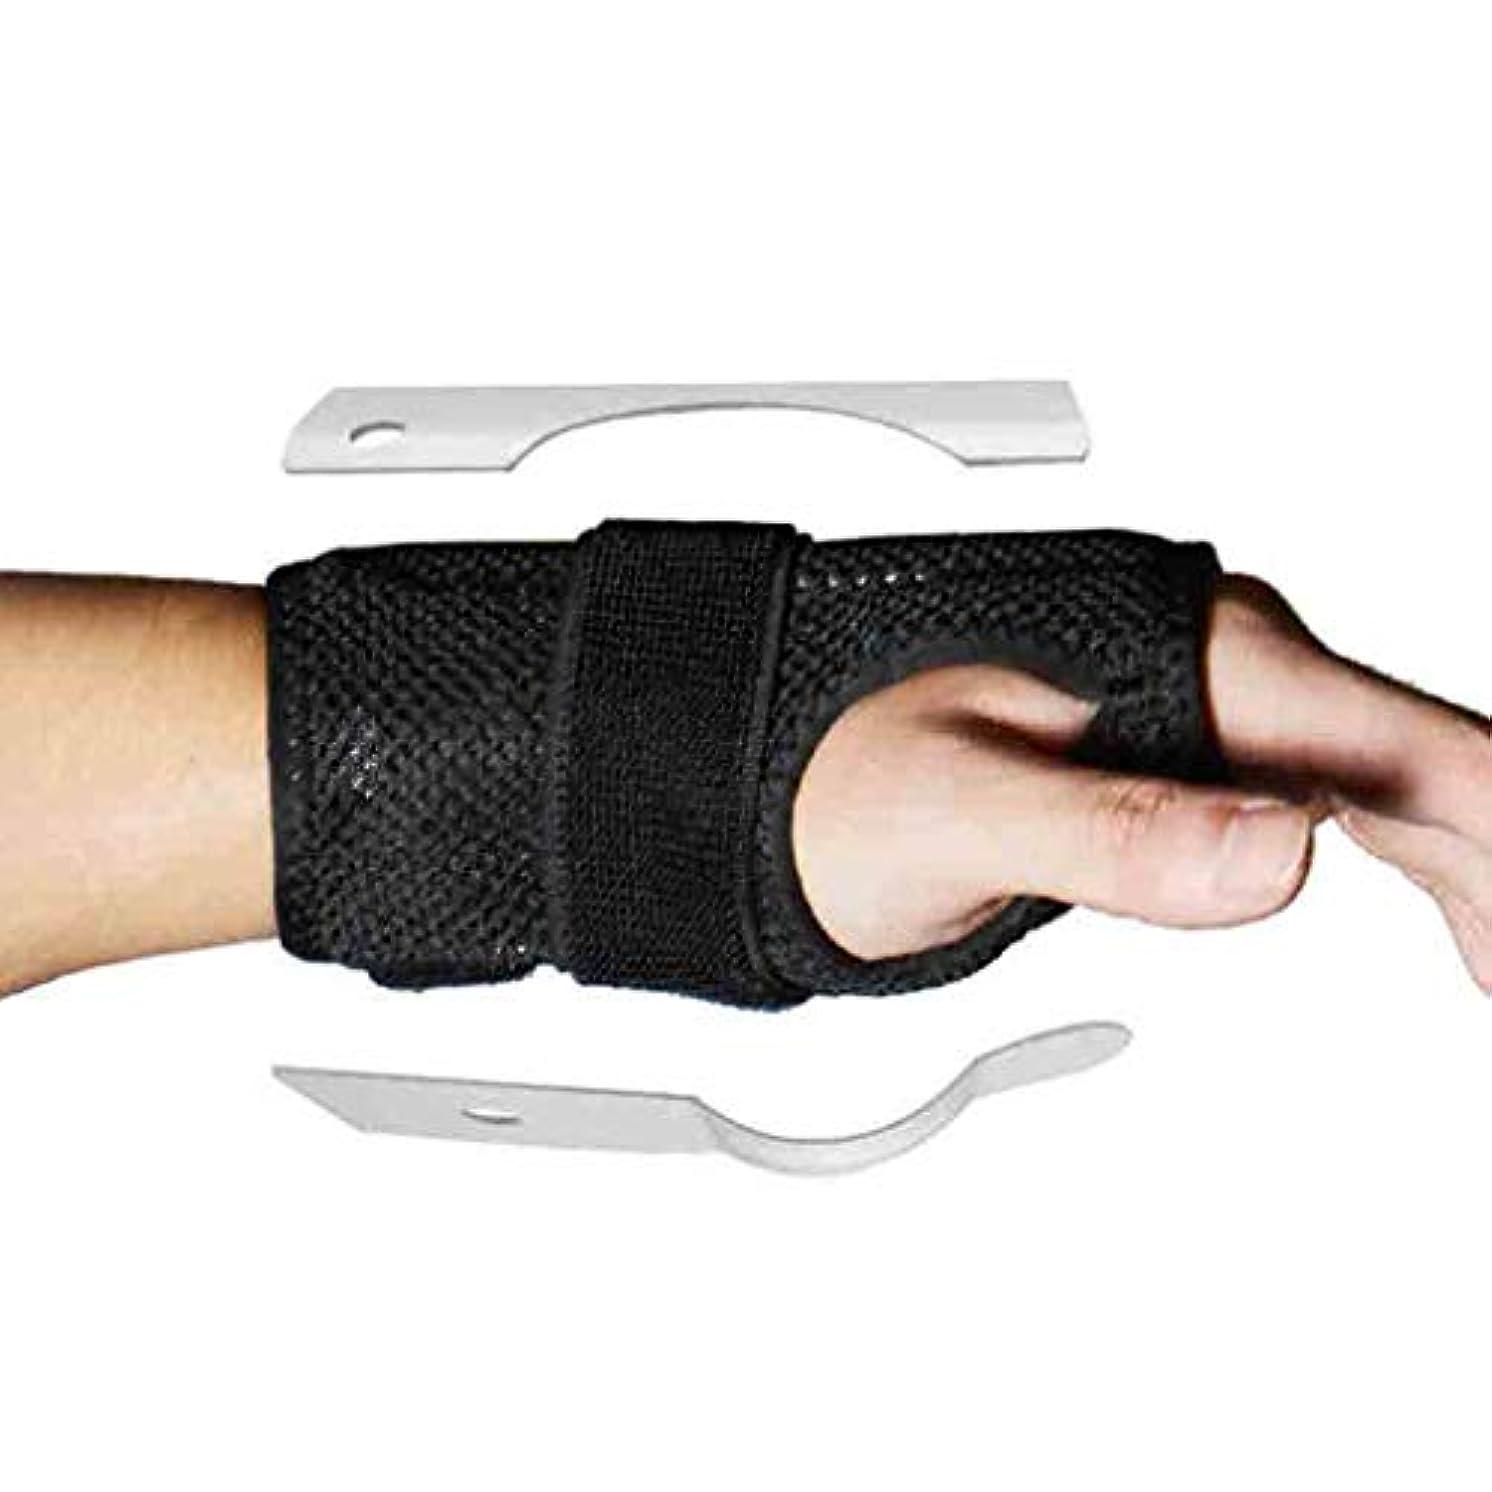 些細なフィッティングフラグラントトリガーのための親指のスプリント親指の通気性のファブリック手首の親指腱鞘炎脳手根管症候群のためのリストバンドスプリントママの親指ブレース関節炎 Roscloud@